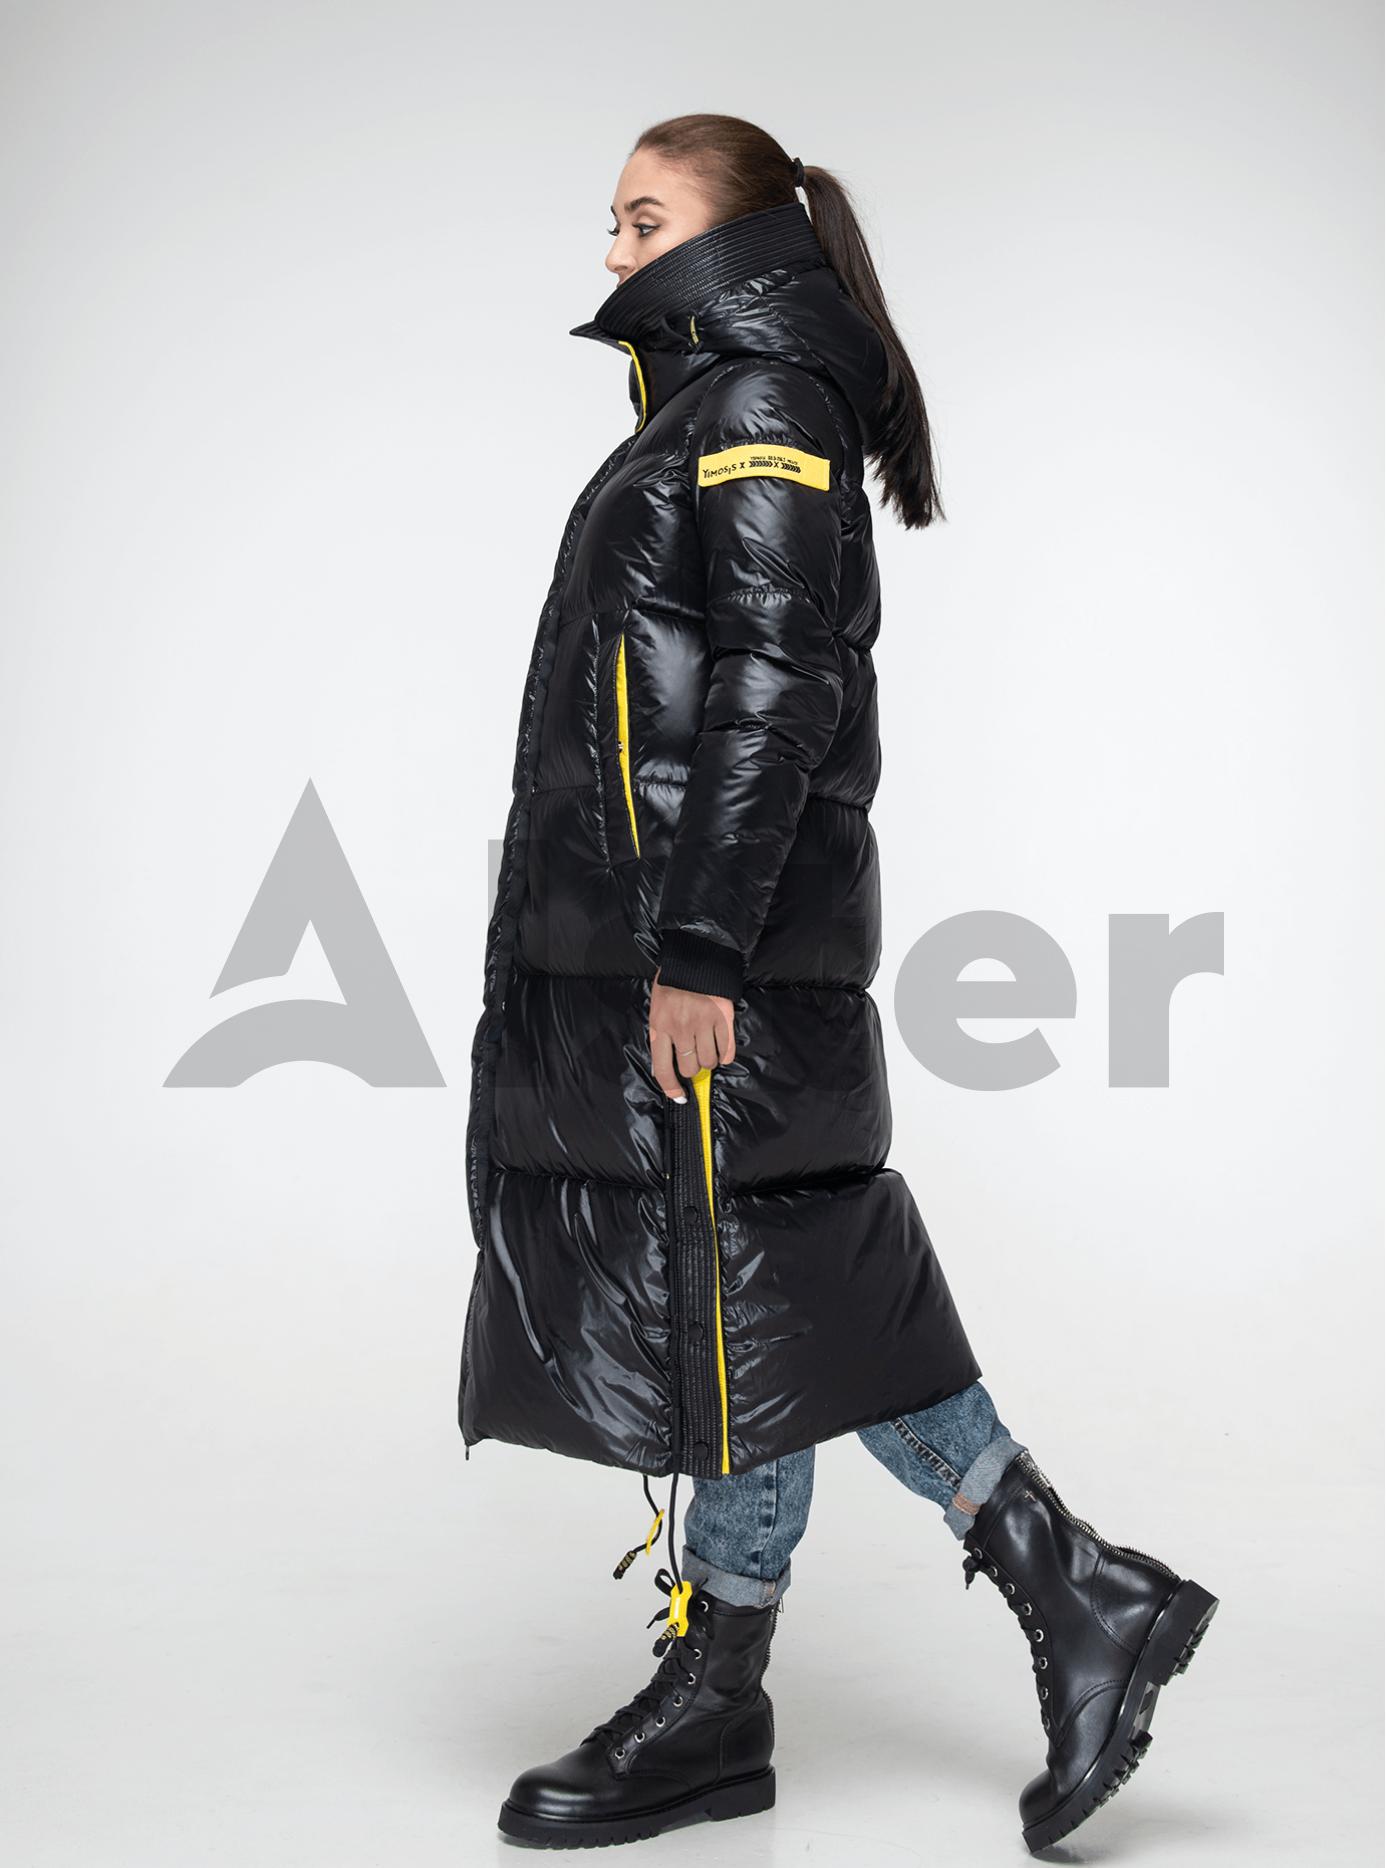 Пуховик женский длинный Чёрный L (02-Y191098): фото - Alster.ua